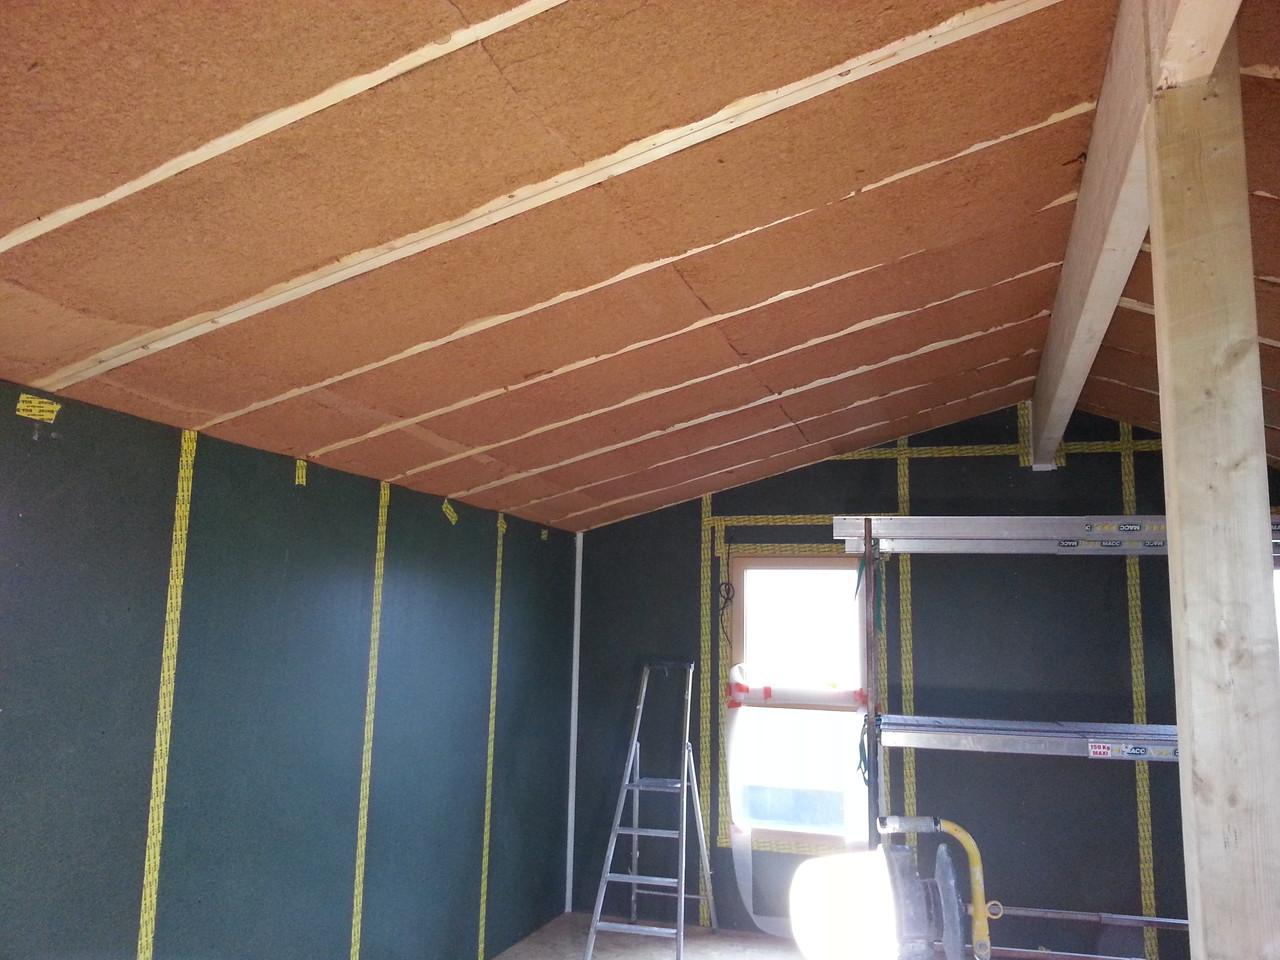 laine de bois en 2 couches 100+120mm